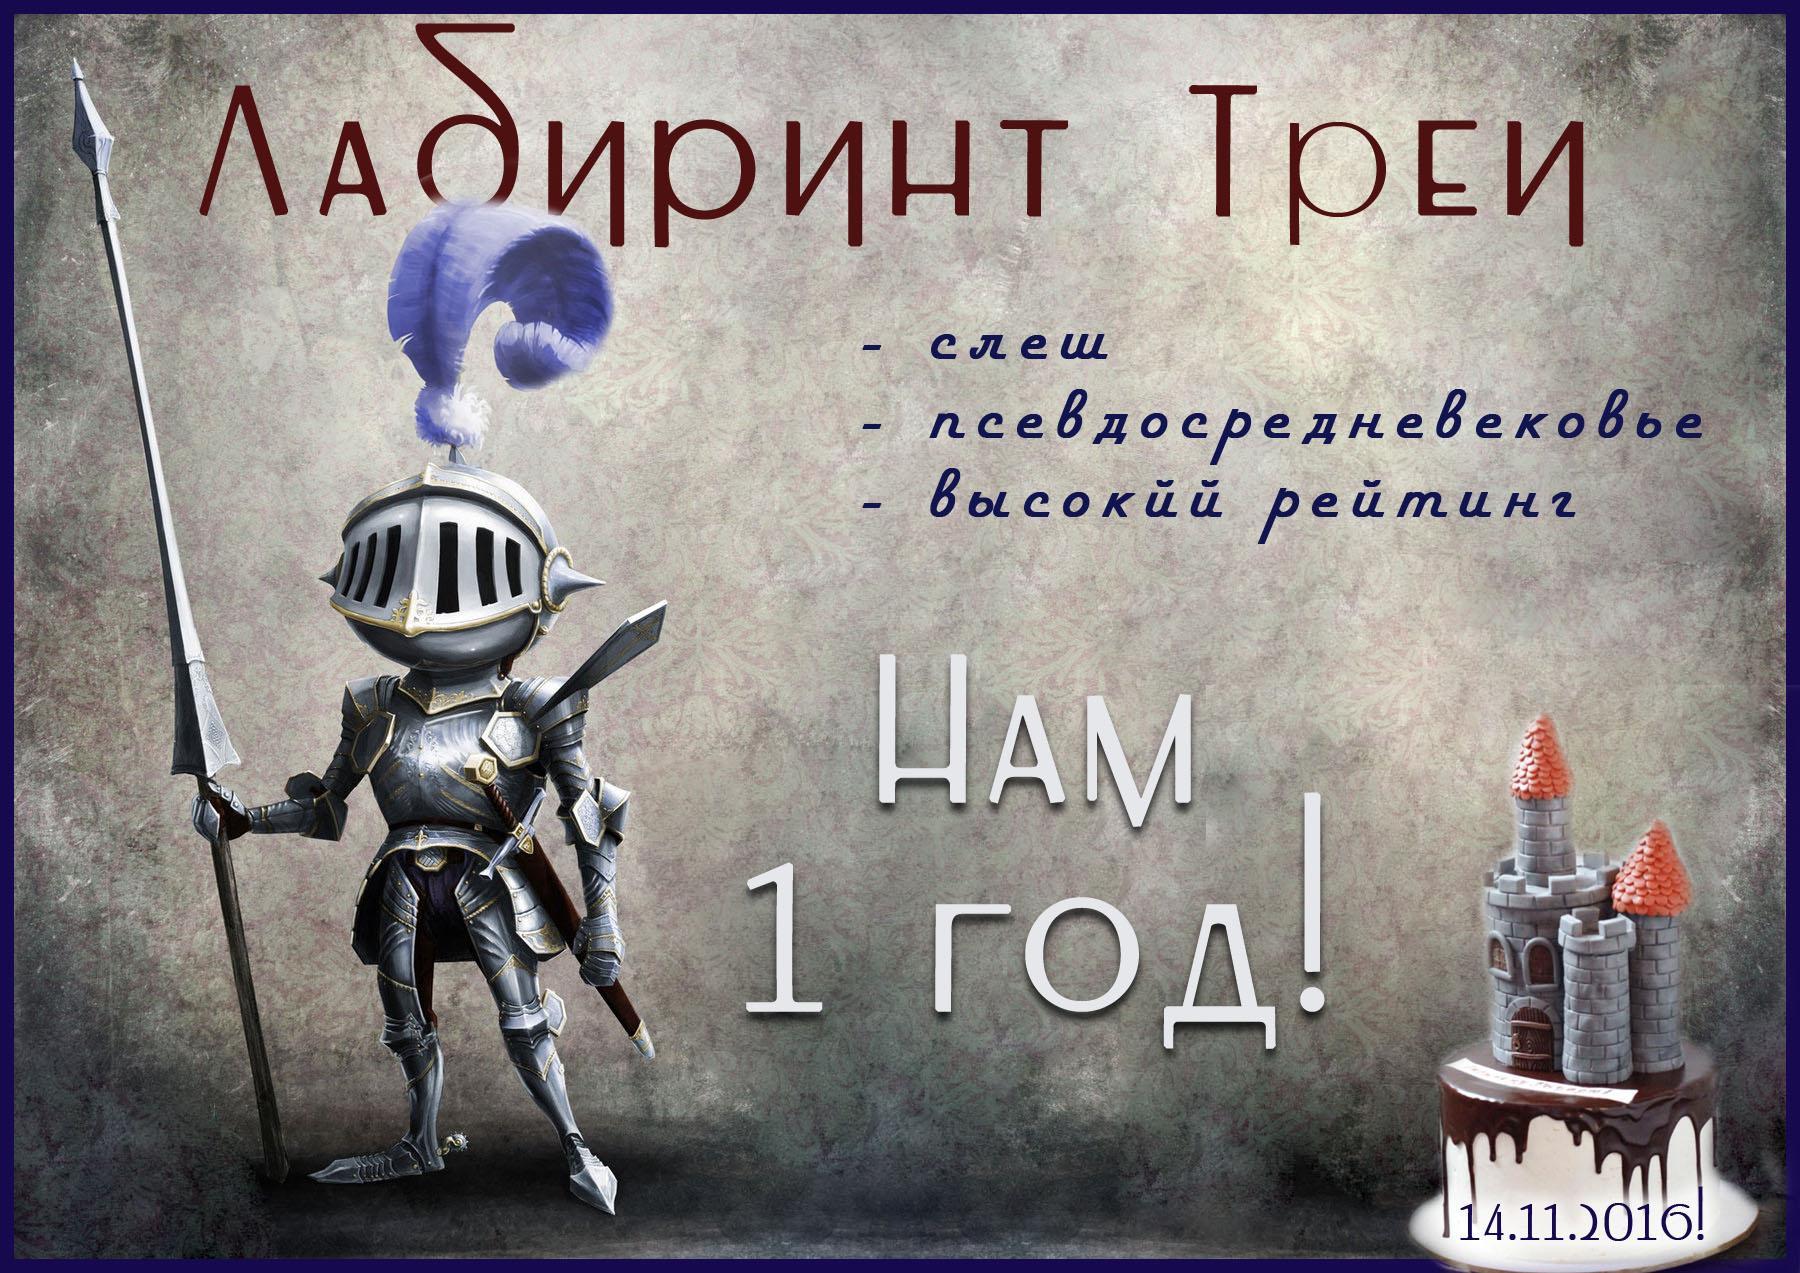 http://ipic.su/img/img7/fs/Nam1god.1479510202.jpg